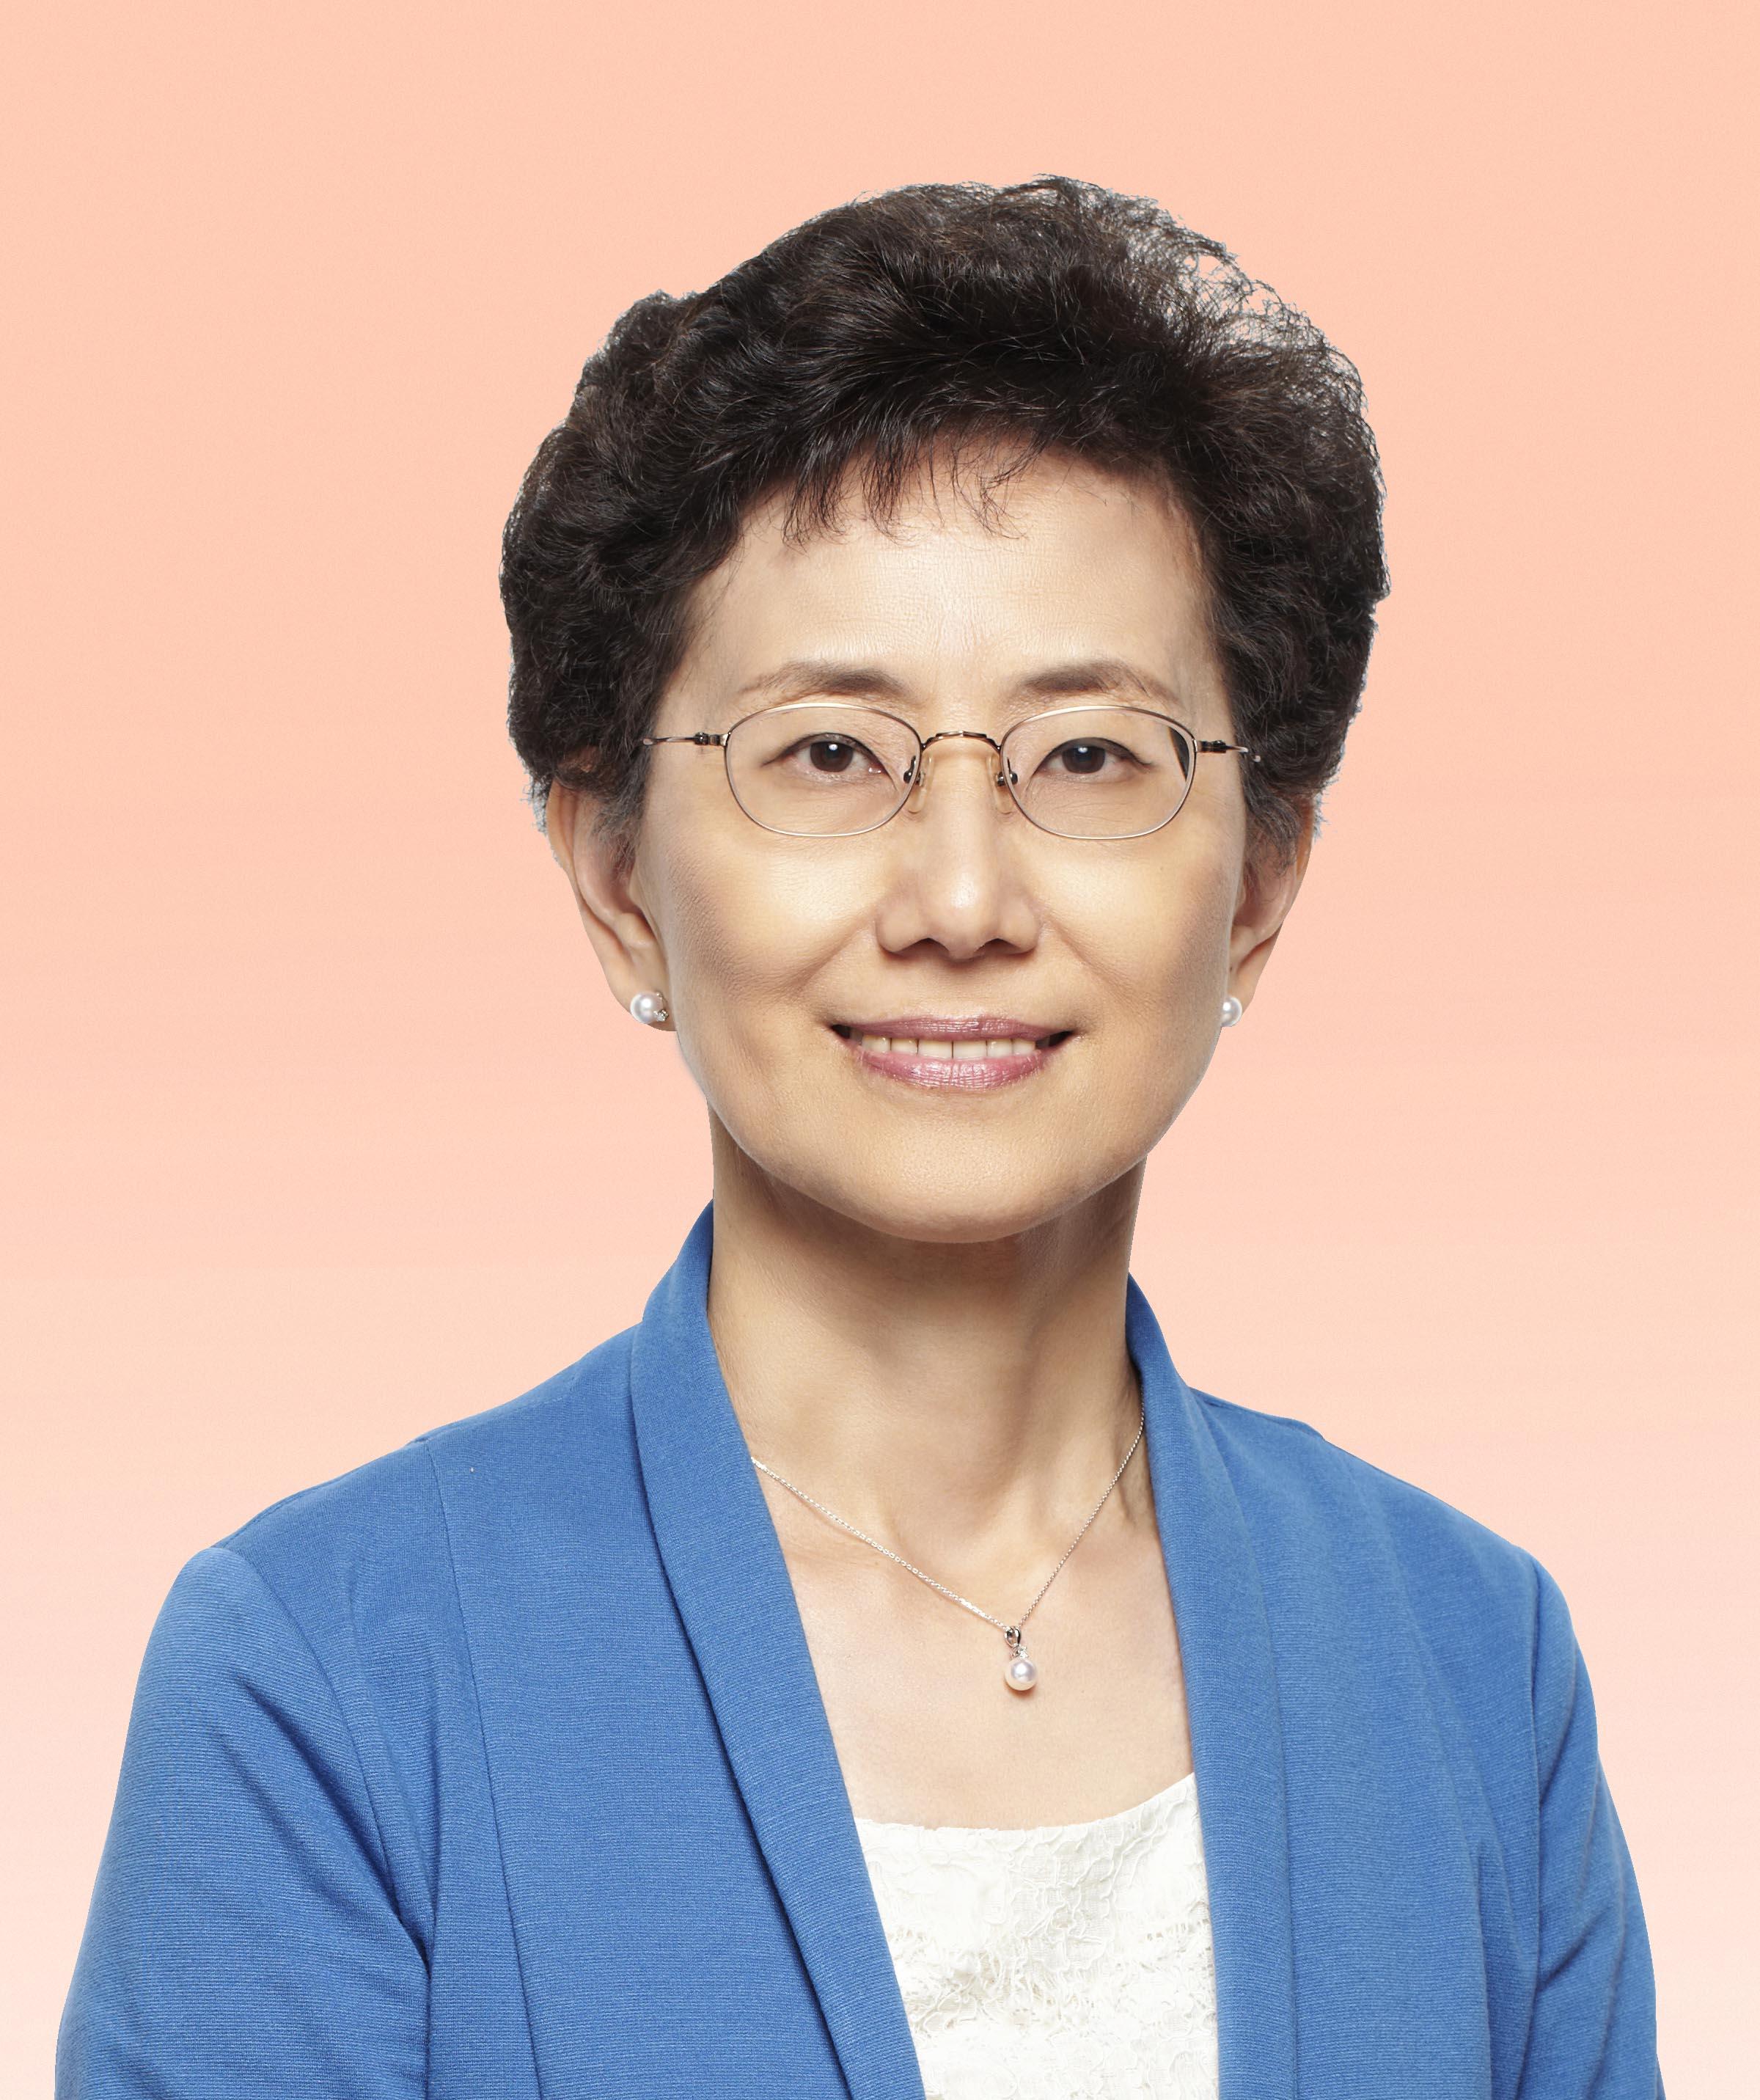 譚小瑩女士